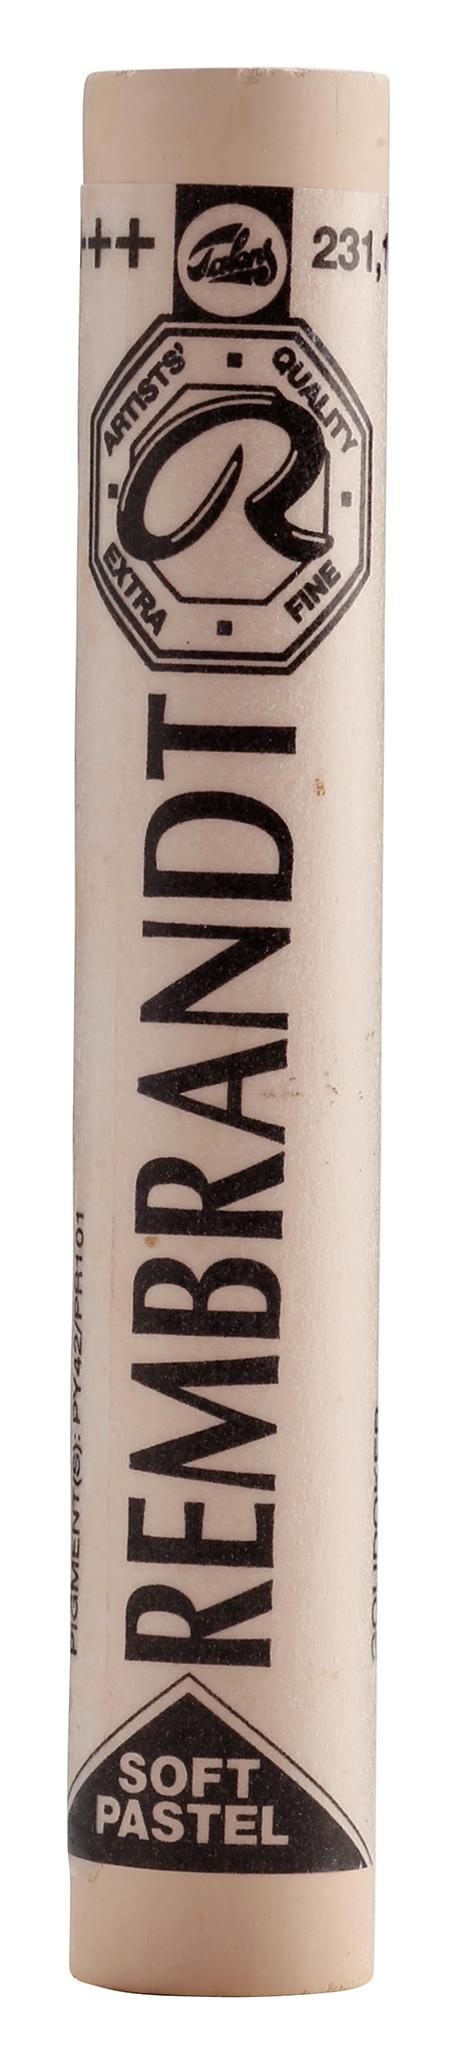 Rembrandt Soft Pastel Round Full Stick Gold Ochre(10) (231.1)